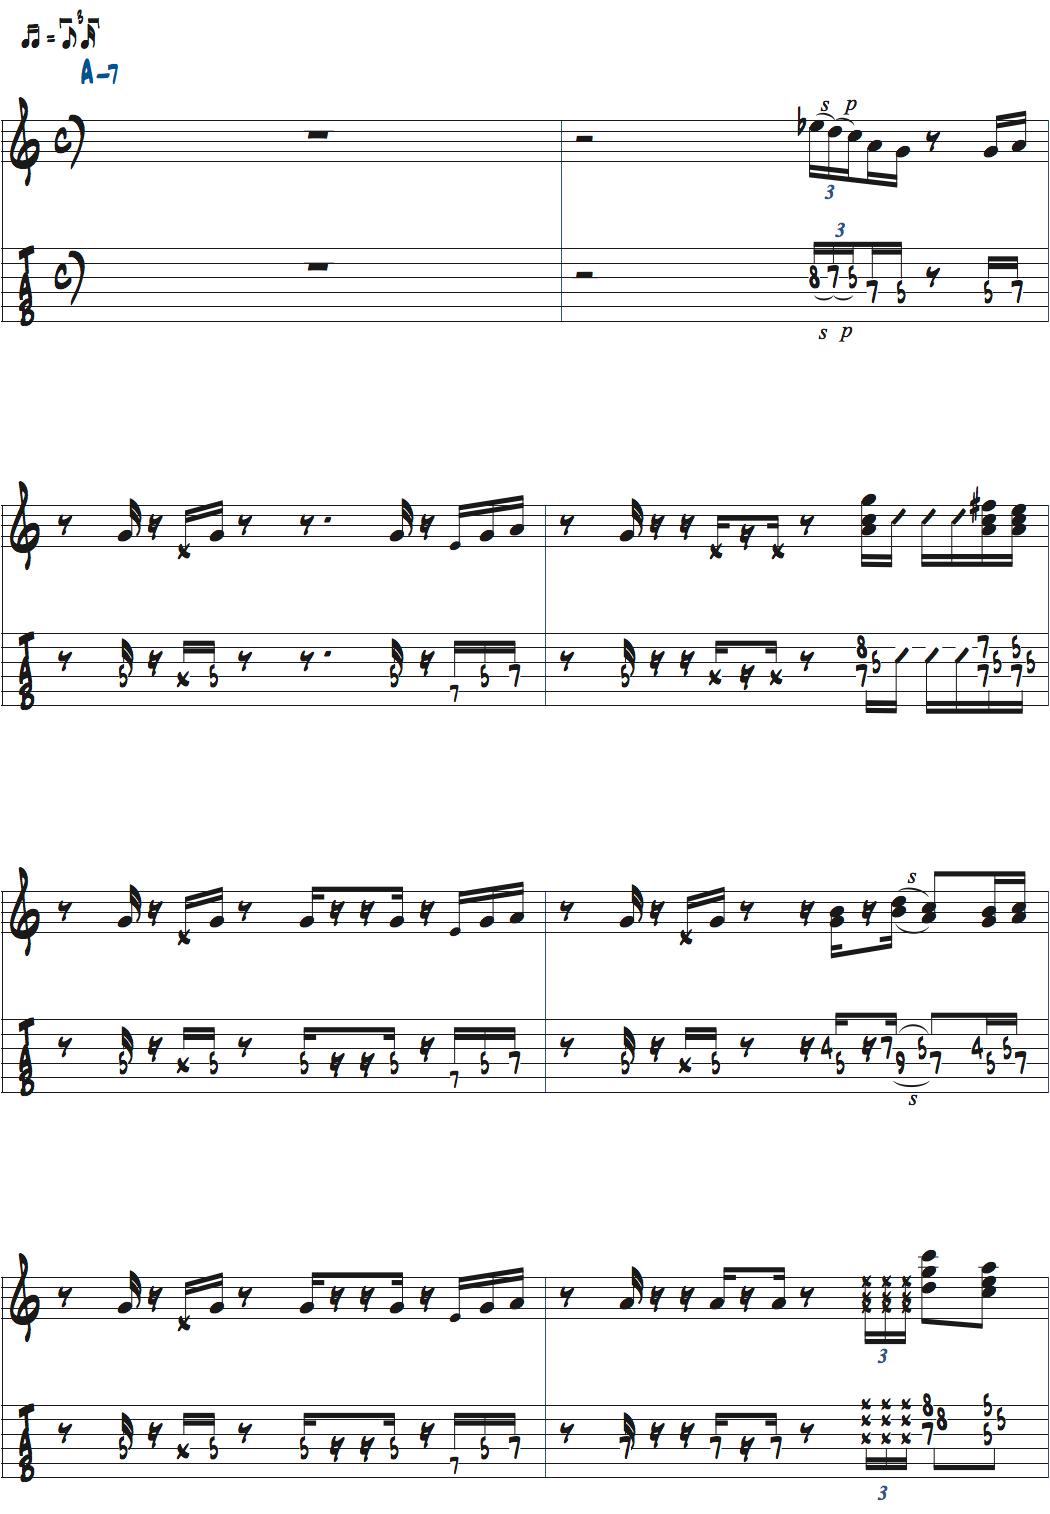 ポールジャクソンジュニアが弾くAm7でのコードトーンバッキングデモ演奏ページ1楽譜